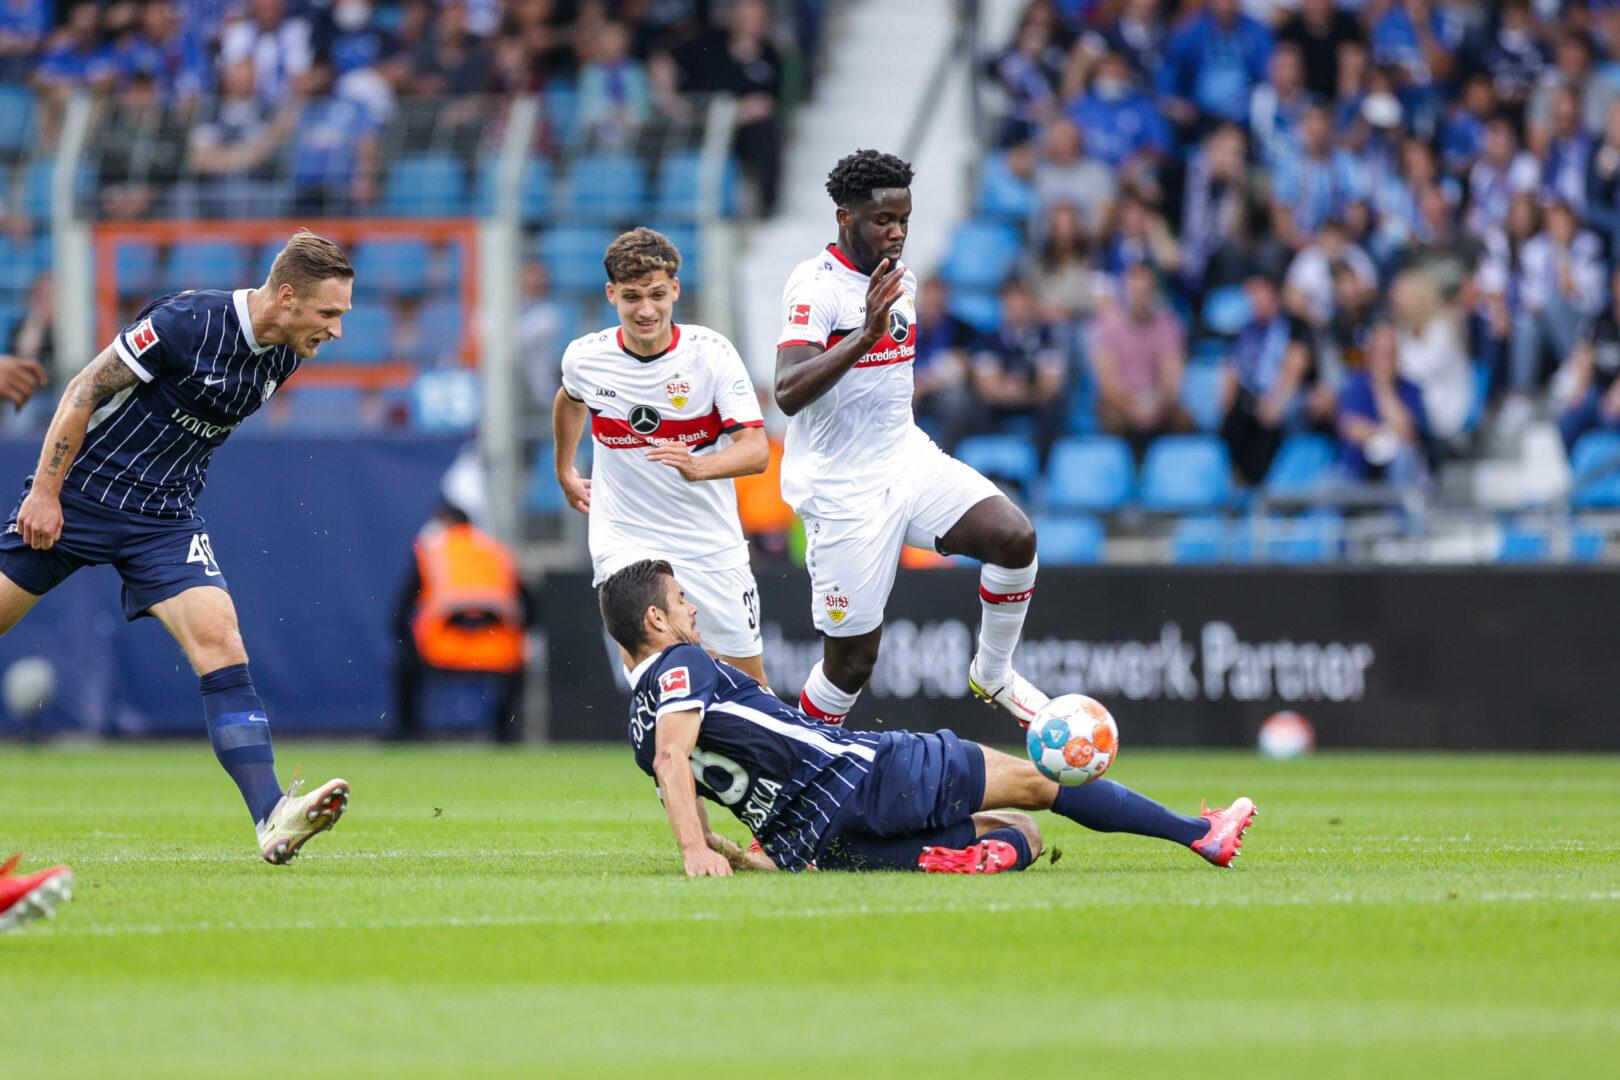 Viel Kampf, wenig Fußball: Bochum und Stuttgart trennen sich unentschieden